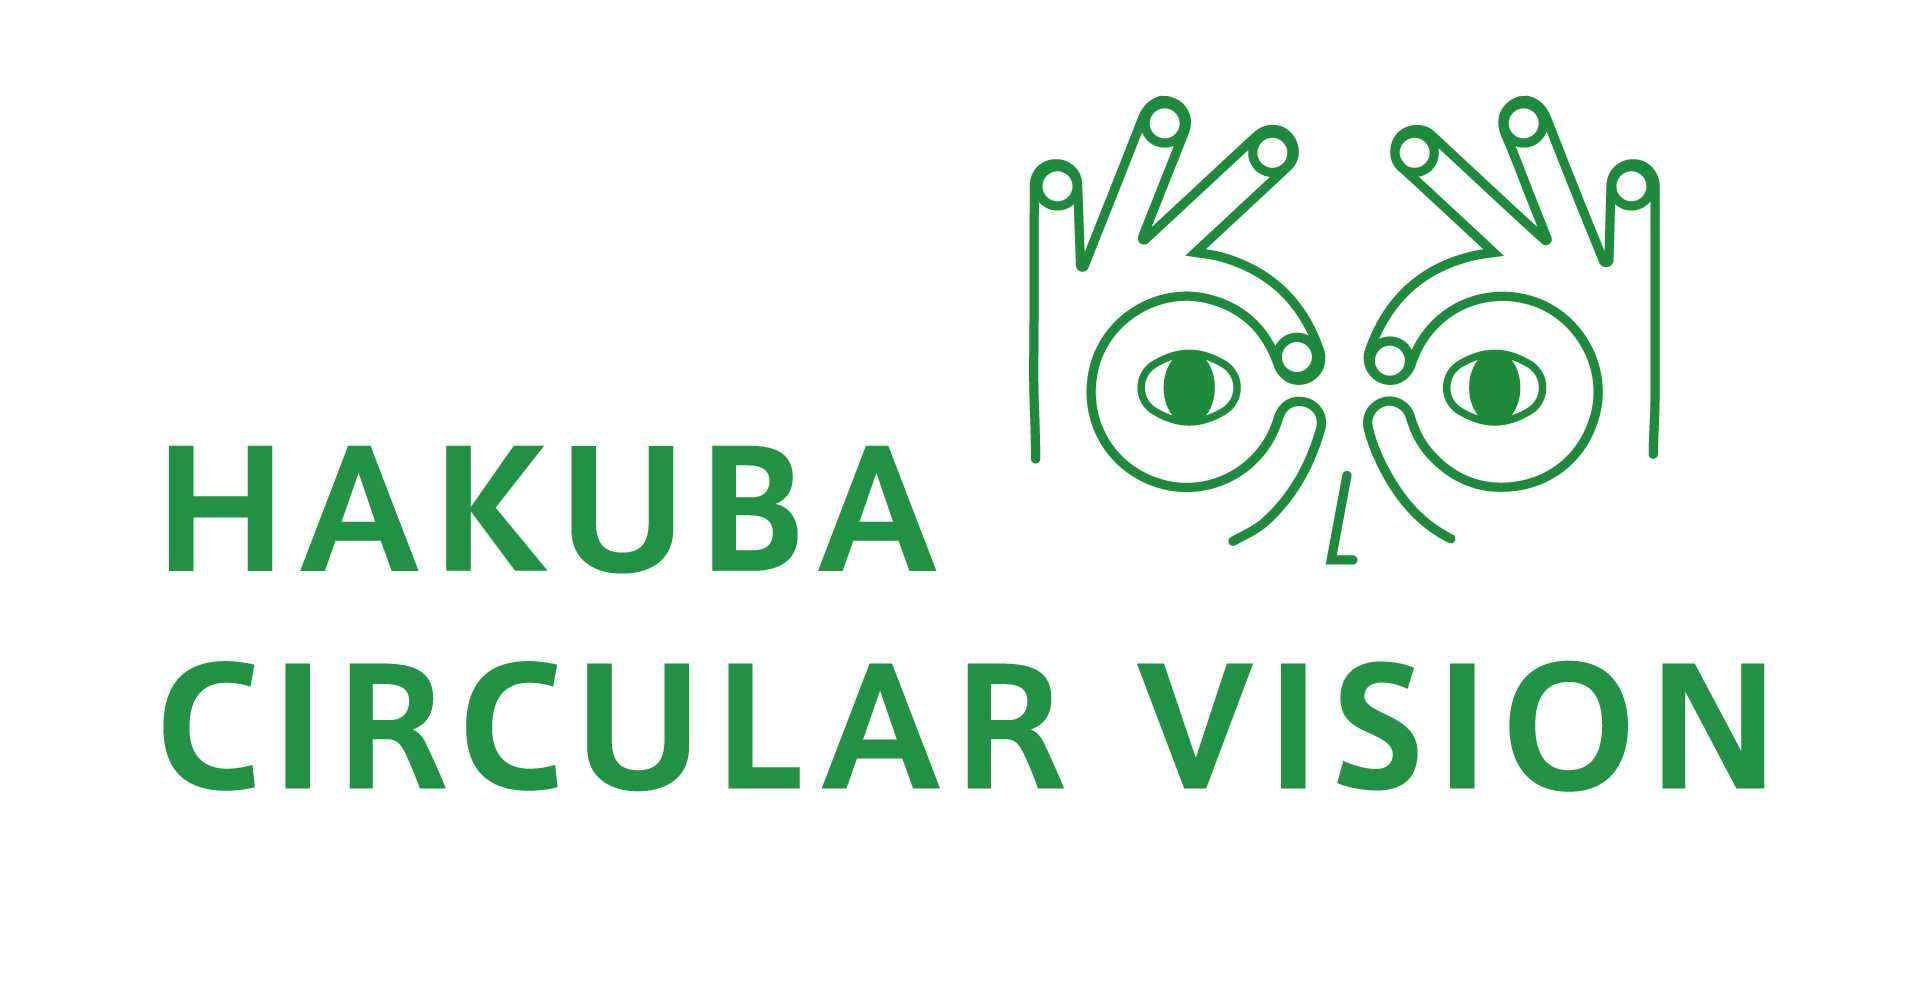 「サステナブルを遊ぶ、企む、つくる。」白馬村が目指す未来の姿「HAKUBA CIRCULAR VISION」を発表